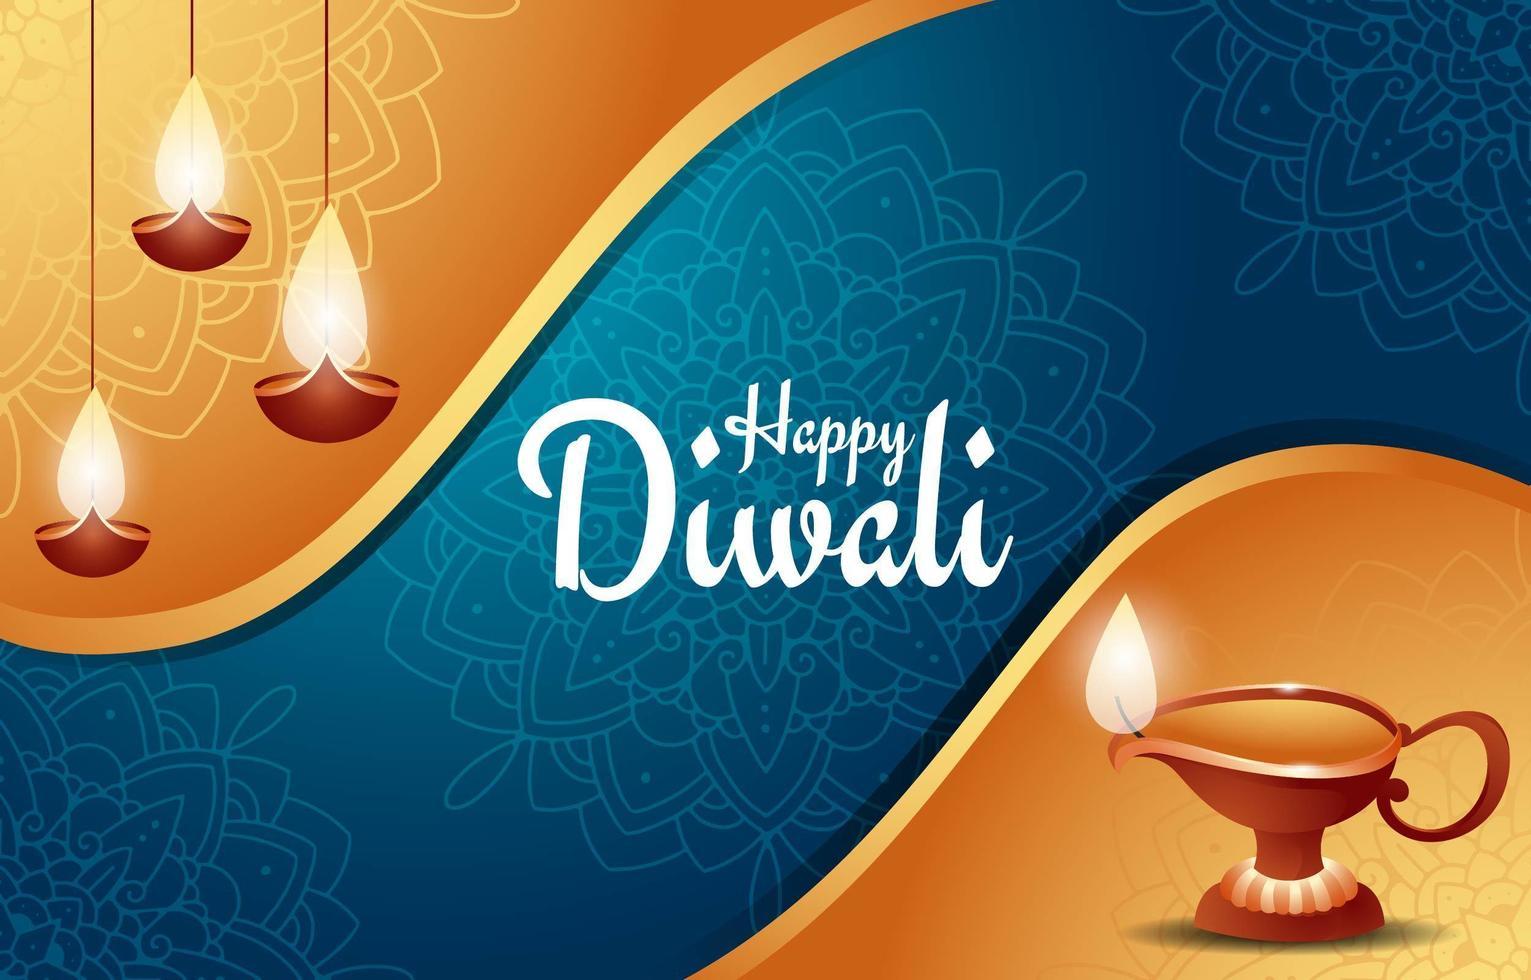 gelukkige diwali festival achtergrond vector